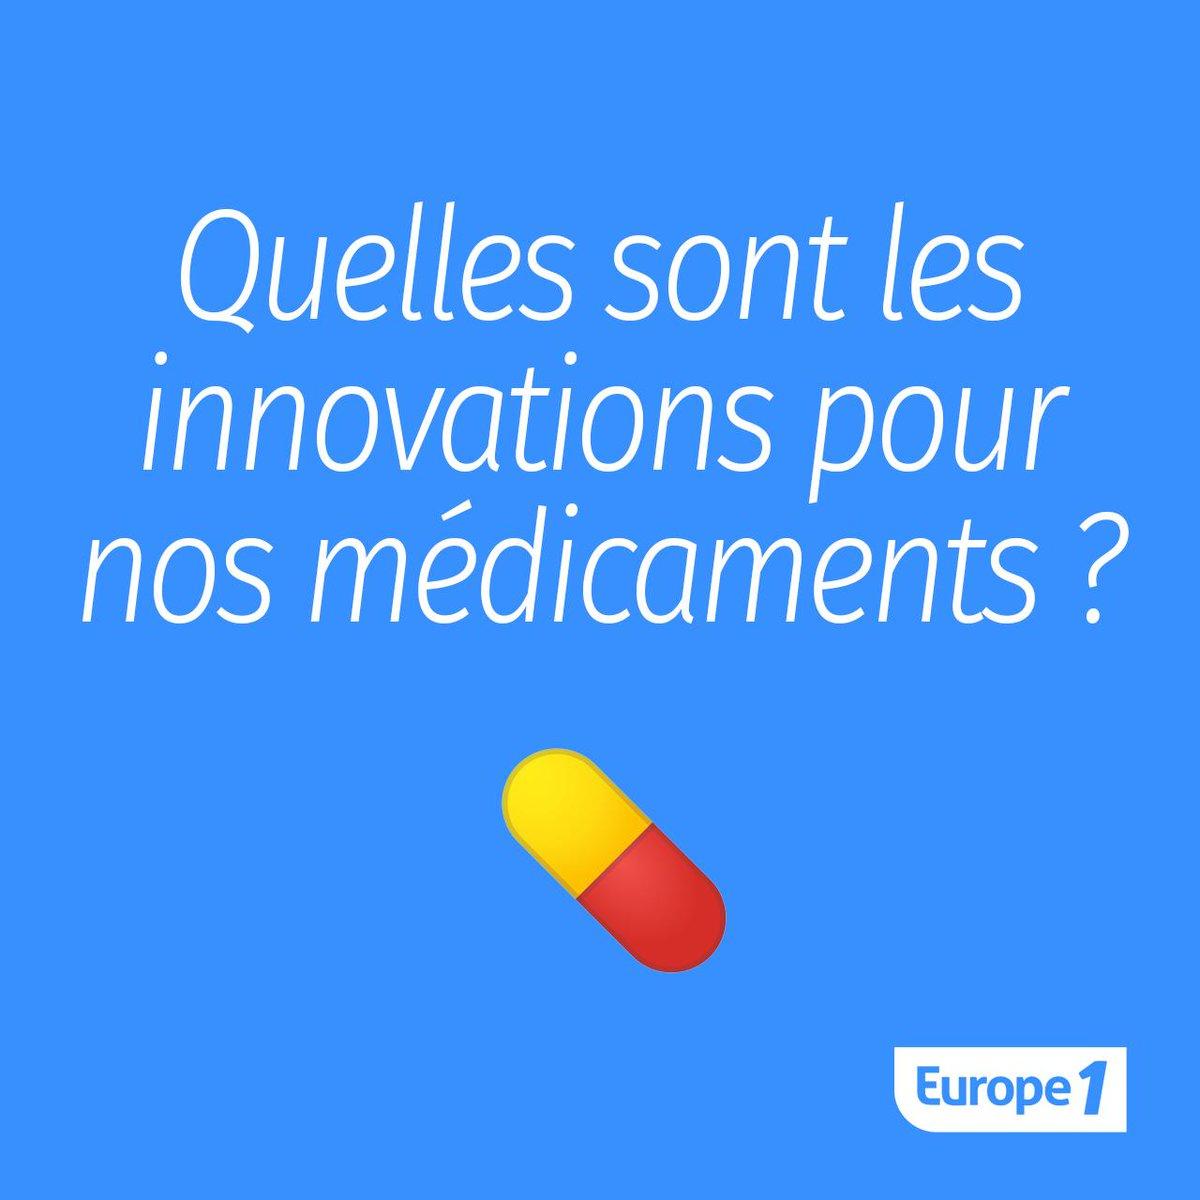 MedinCell (@MedinCell) | Twitter